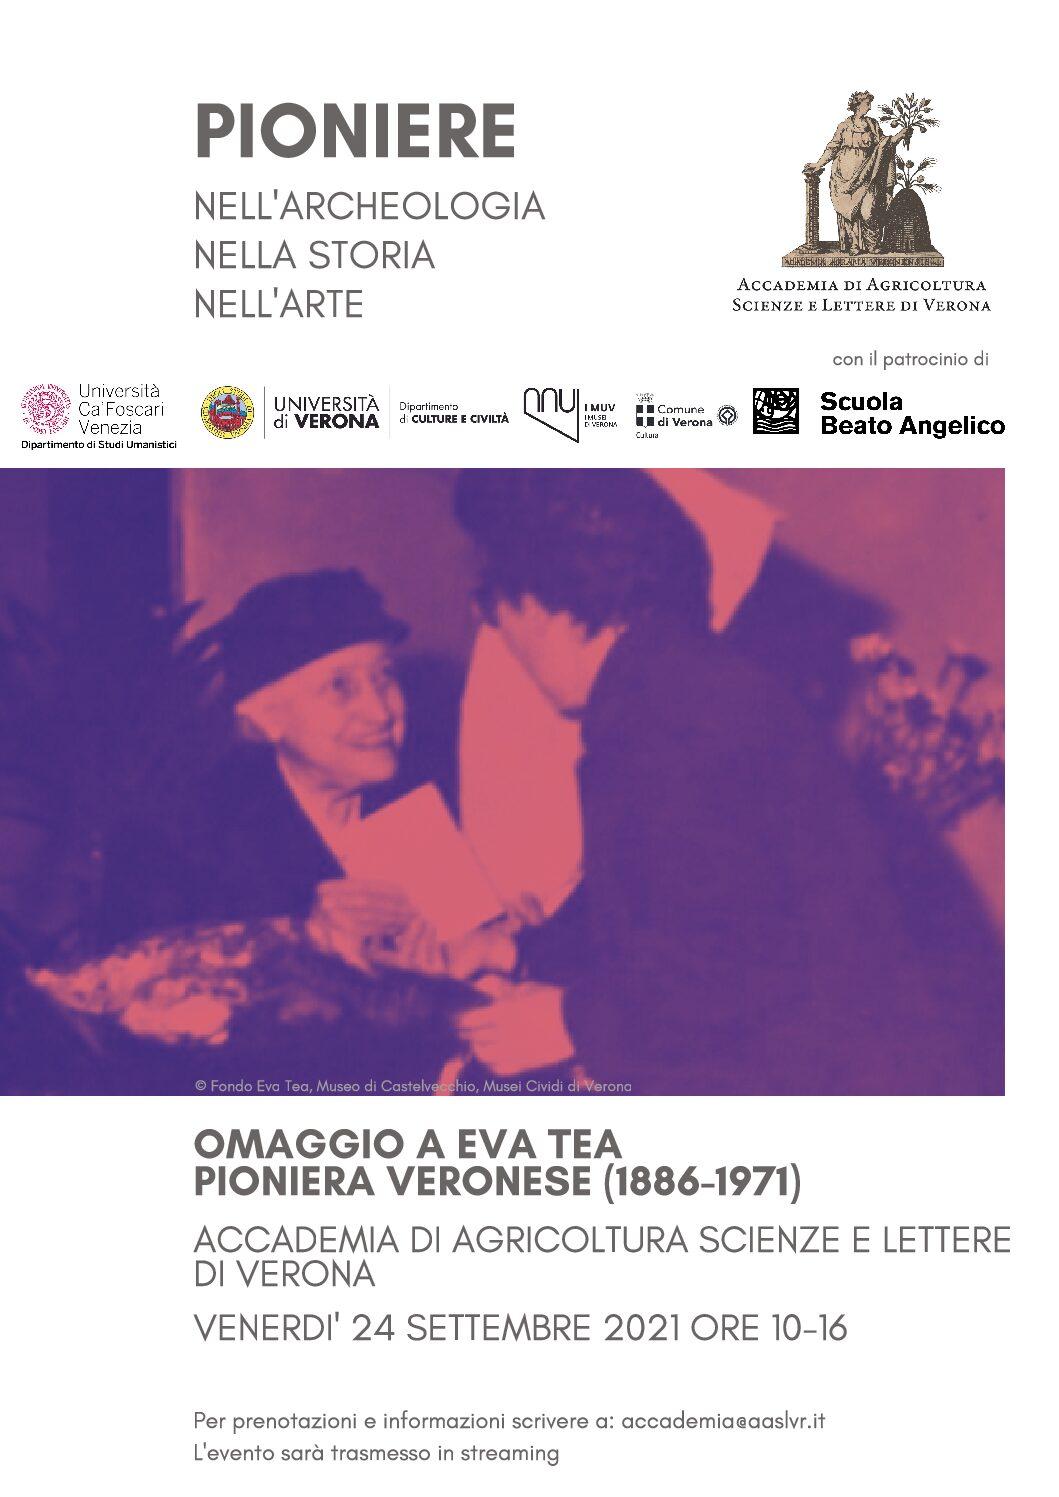 OMAGGIO A EVA TEA PIONIERA VERONESE (1886-1971) Accademia di Agricoltura Scienze e Lettere di Verone –  Venerdì 24 Settembre 2021 Ore 10-16